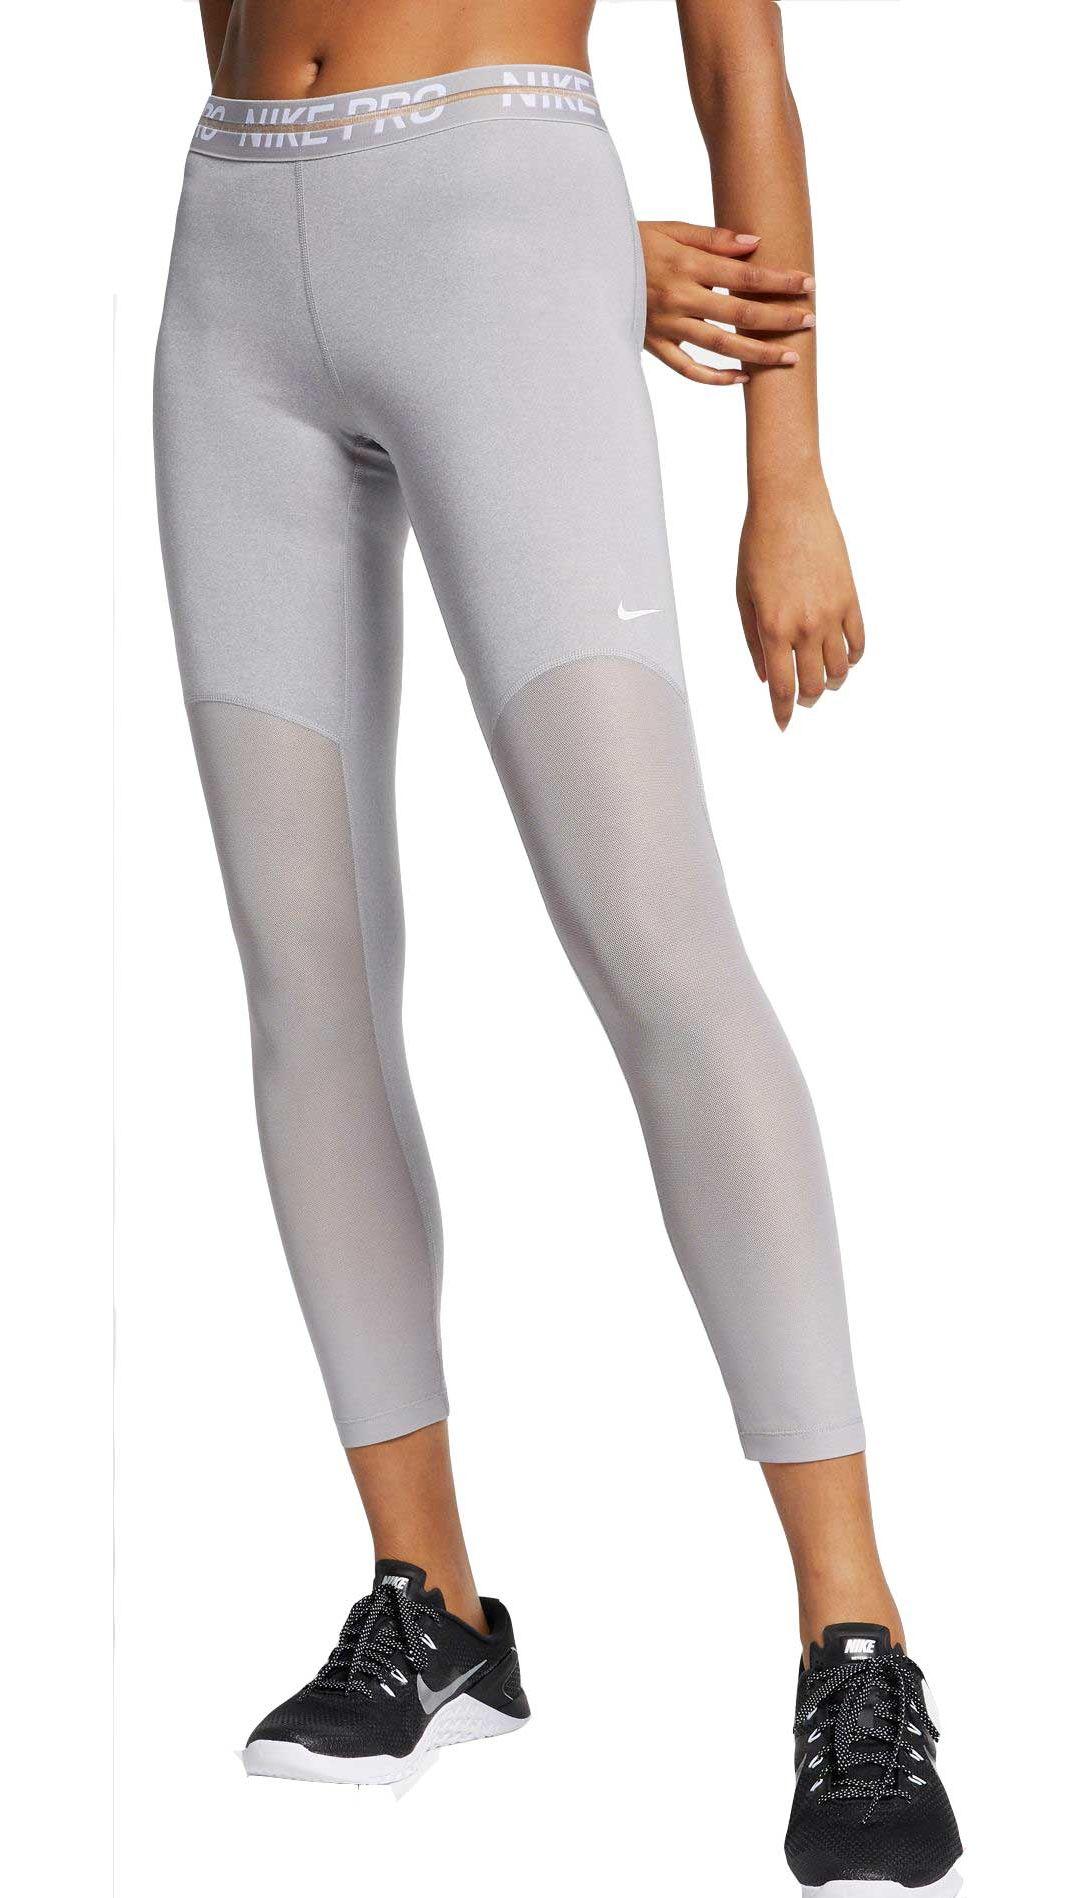 latest discount best selling on feet shots of Women's Nike Pro Heatherized 7/8 Leggings